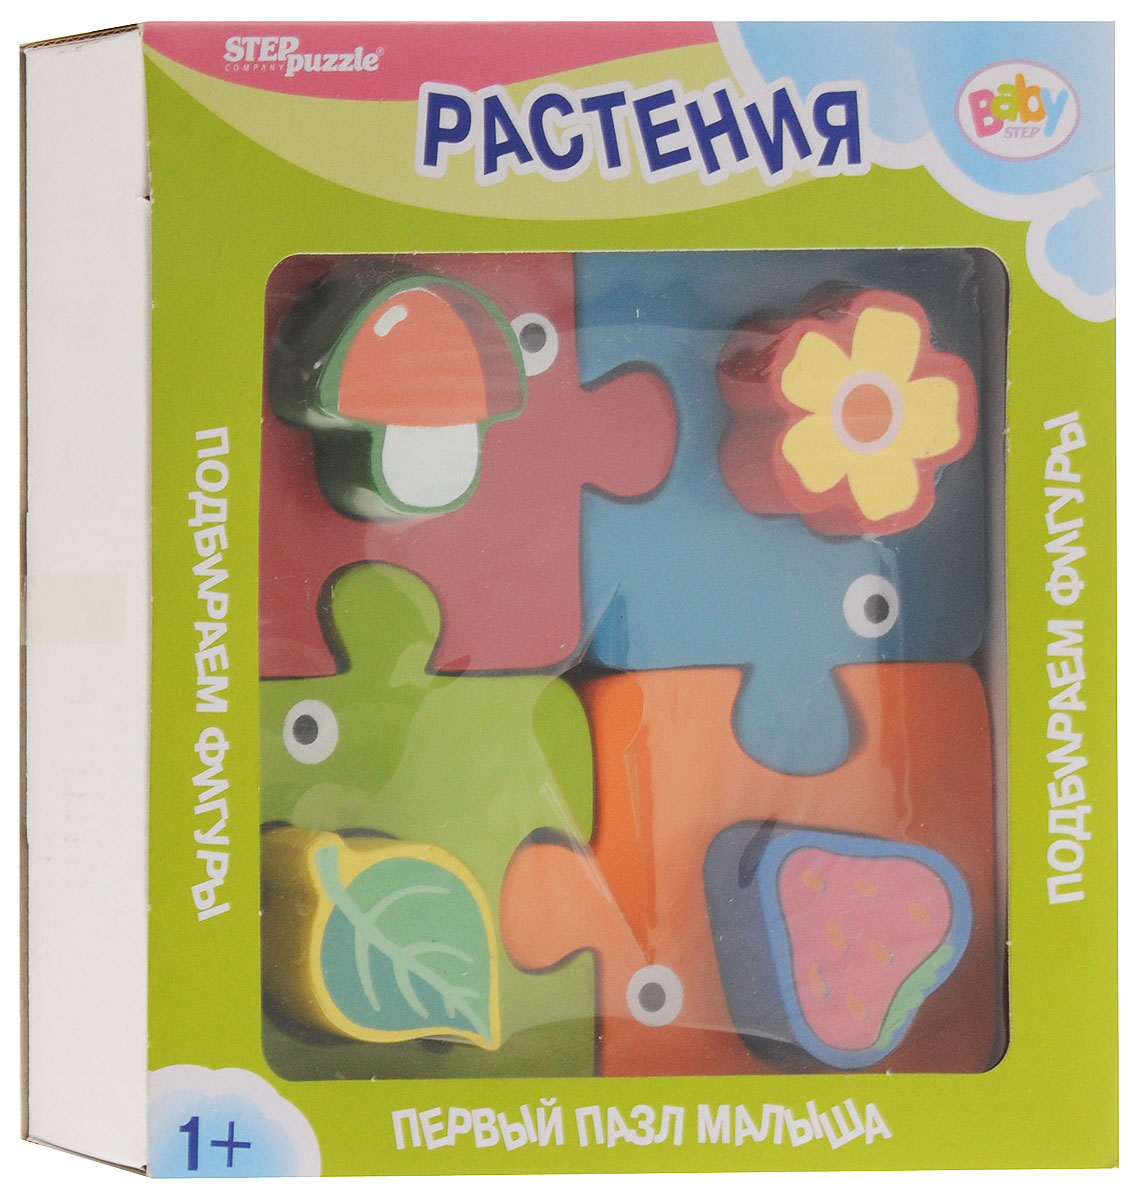 Step Puzzle Пазл для малышей Растения step puzzle пазл для малышей томас и его друзья